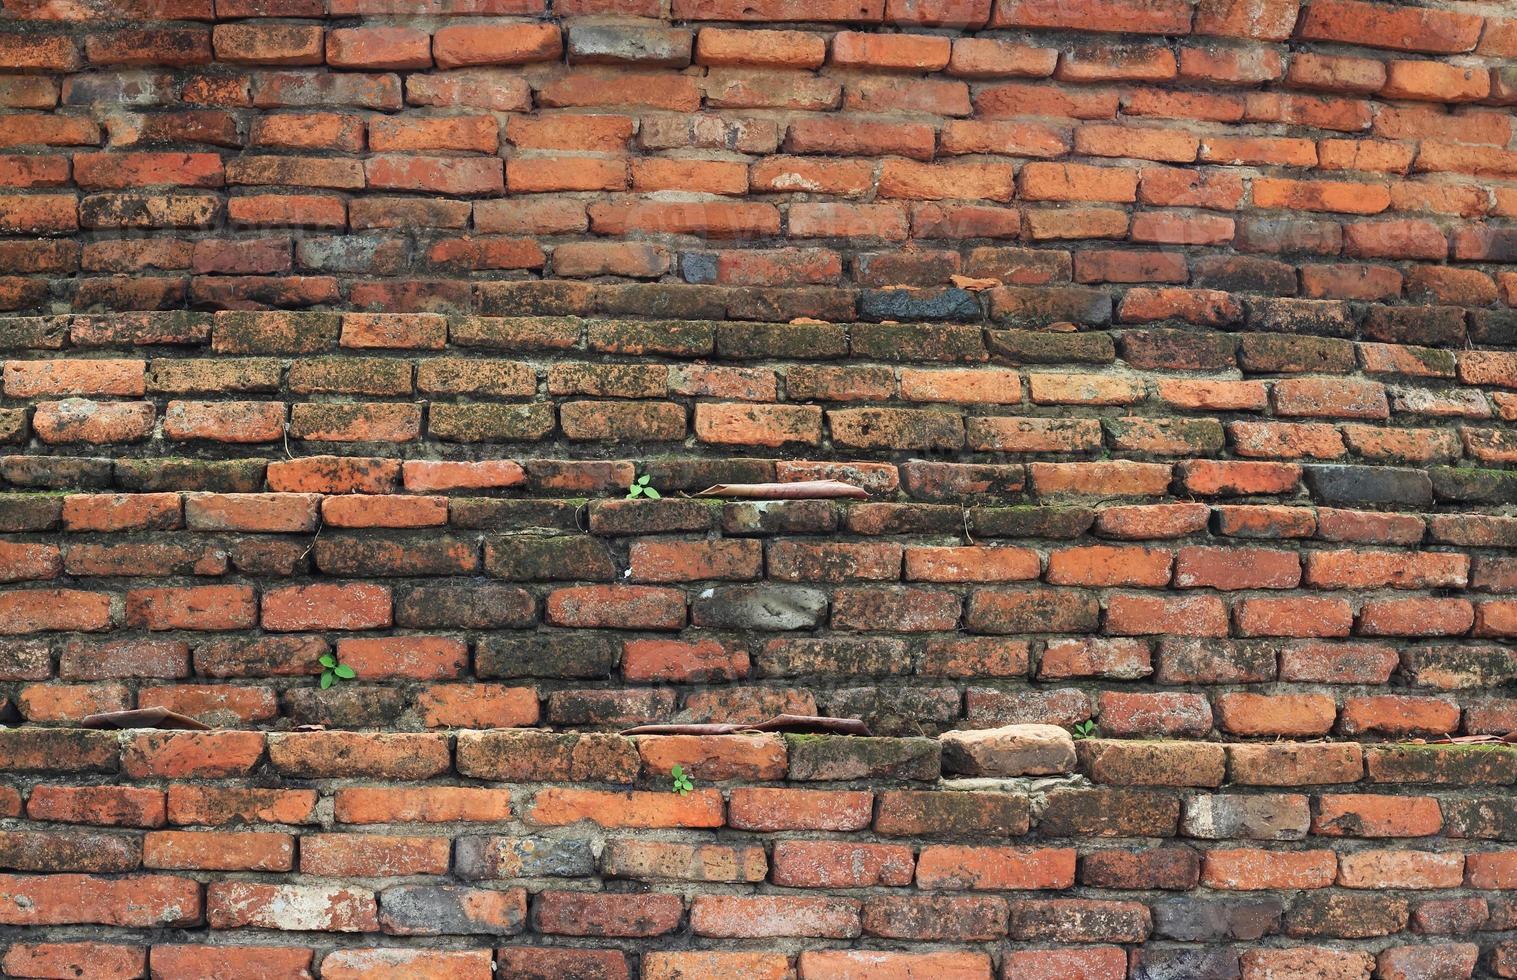 vecchio muro di mattoni texture sporca foto